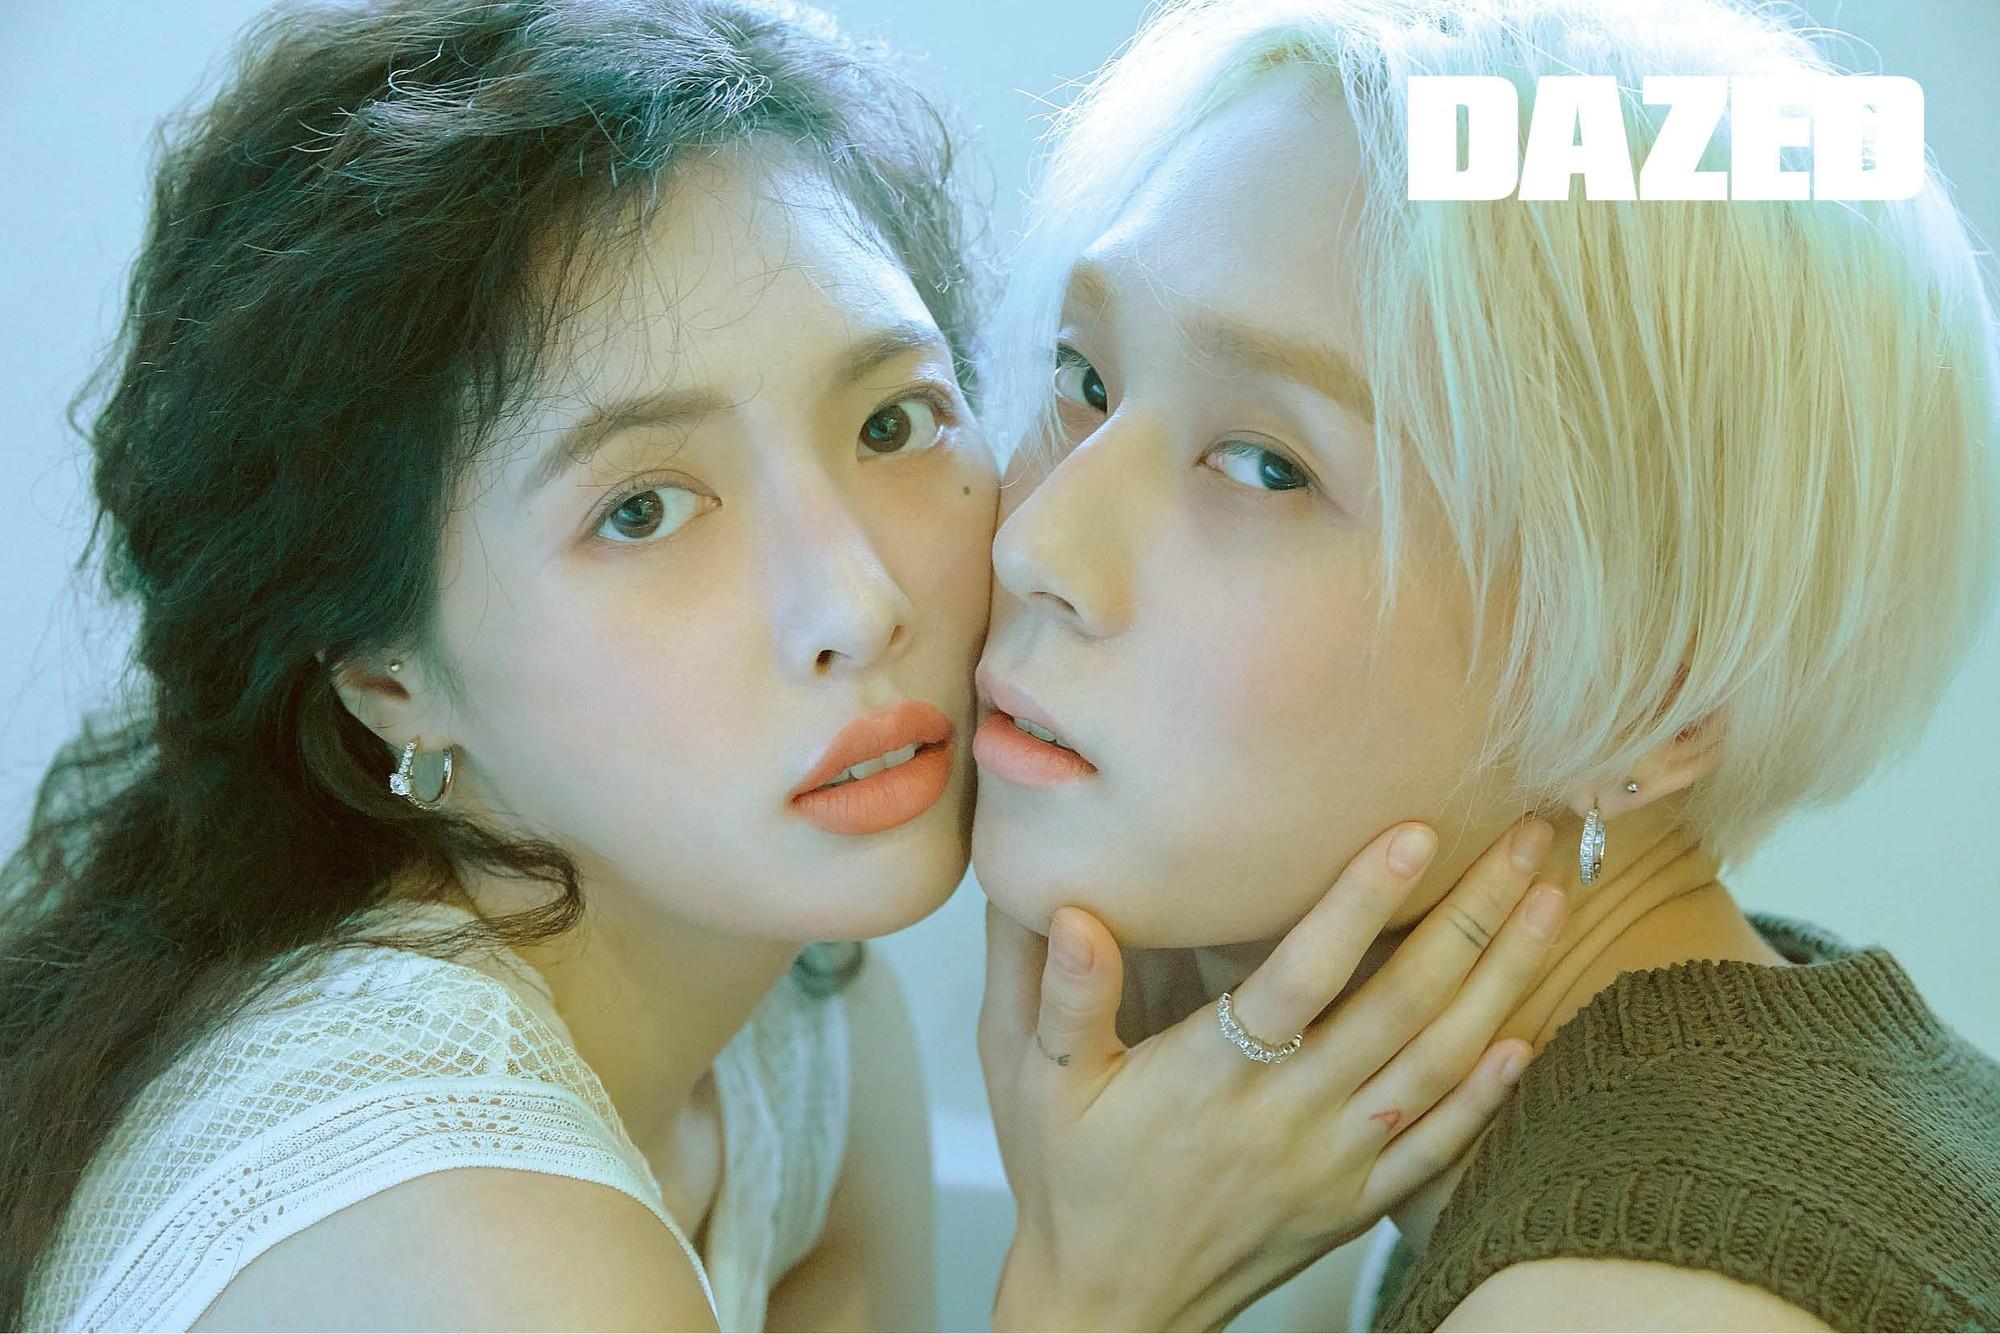 Cặp đôi lố nhất nhì Kbiz Hyuna và EDawn tung ảnh tạp chí gây sốc: Cảnh giới nghệ thuật... không ai muốn hiểu - Ảnh 1.